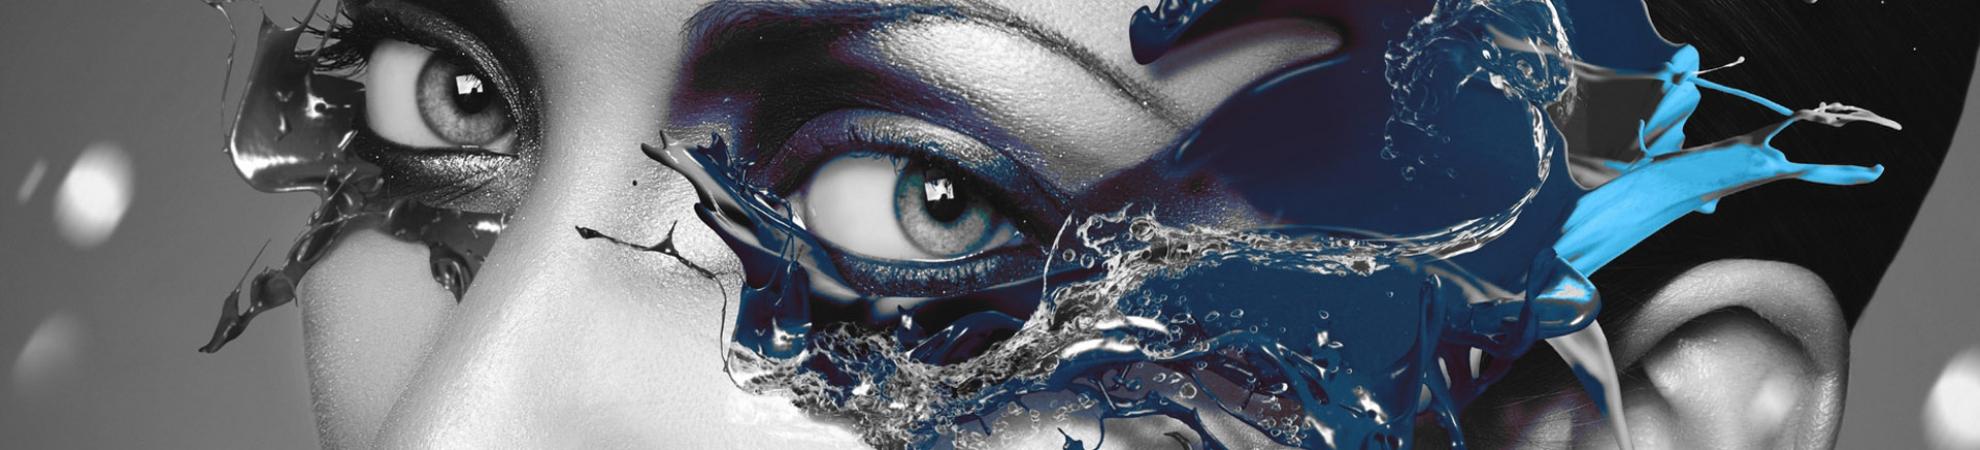 TFOS DEWS II REPORT - Tear Film - TFOS - Tear Film & Ocular Surface ...